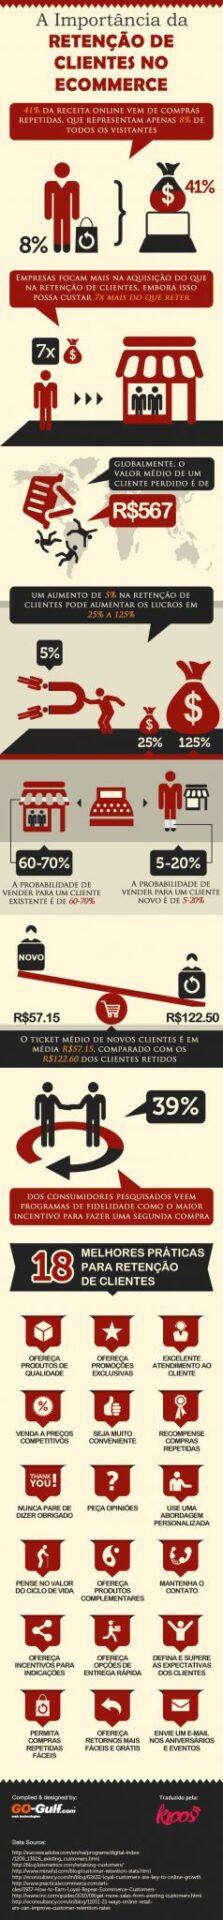 Infográfico: A Importância da Retenção de Clientes no E-commerce